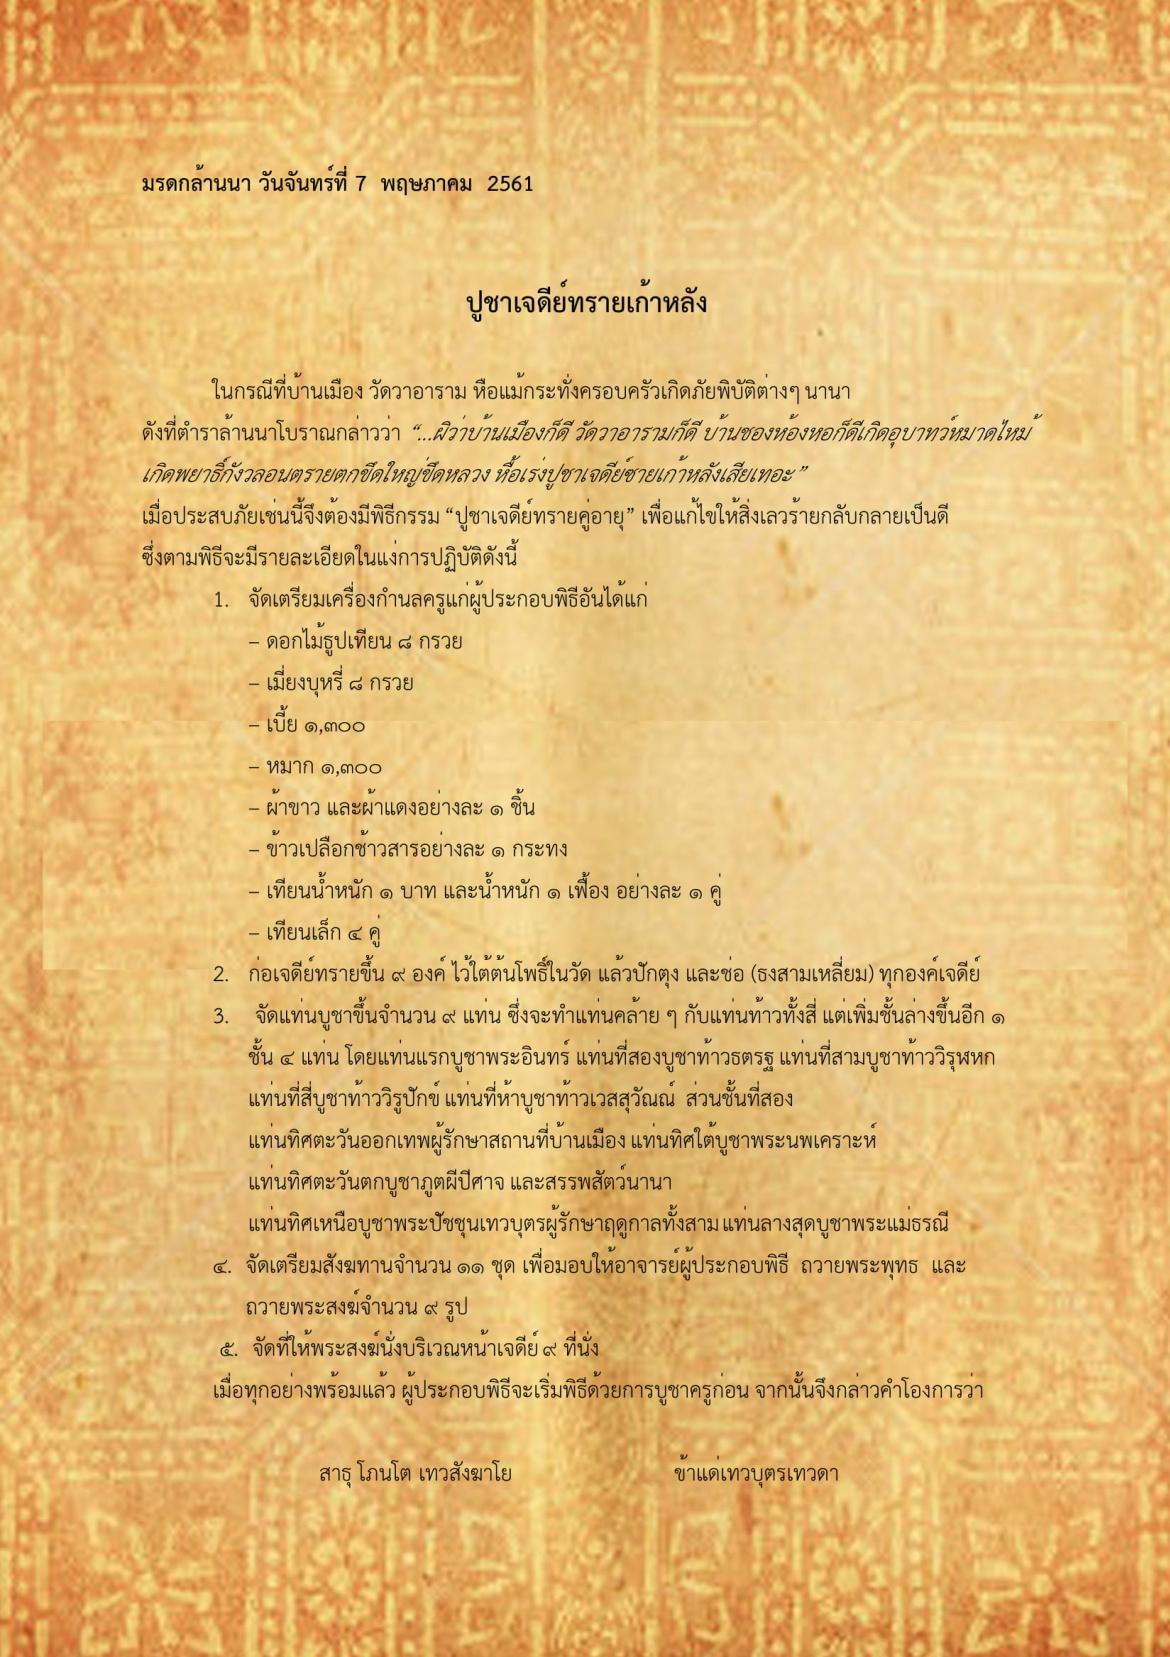 ปูชาเจดีย์ทรายเก้าหลัง - 7 พฤษภาคม 2561